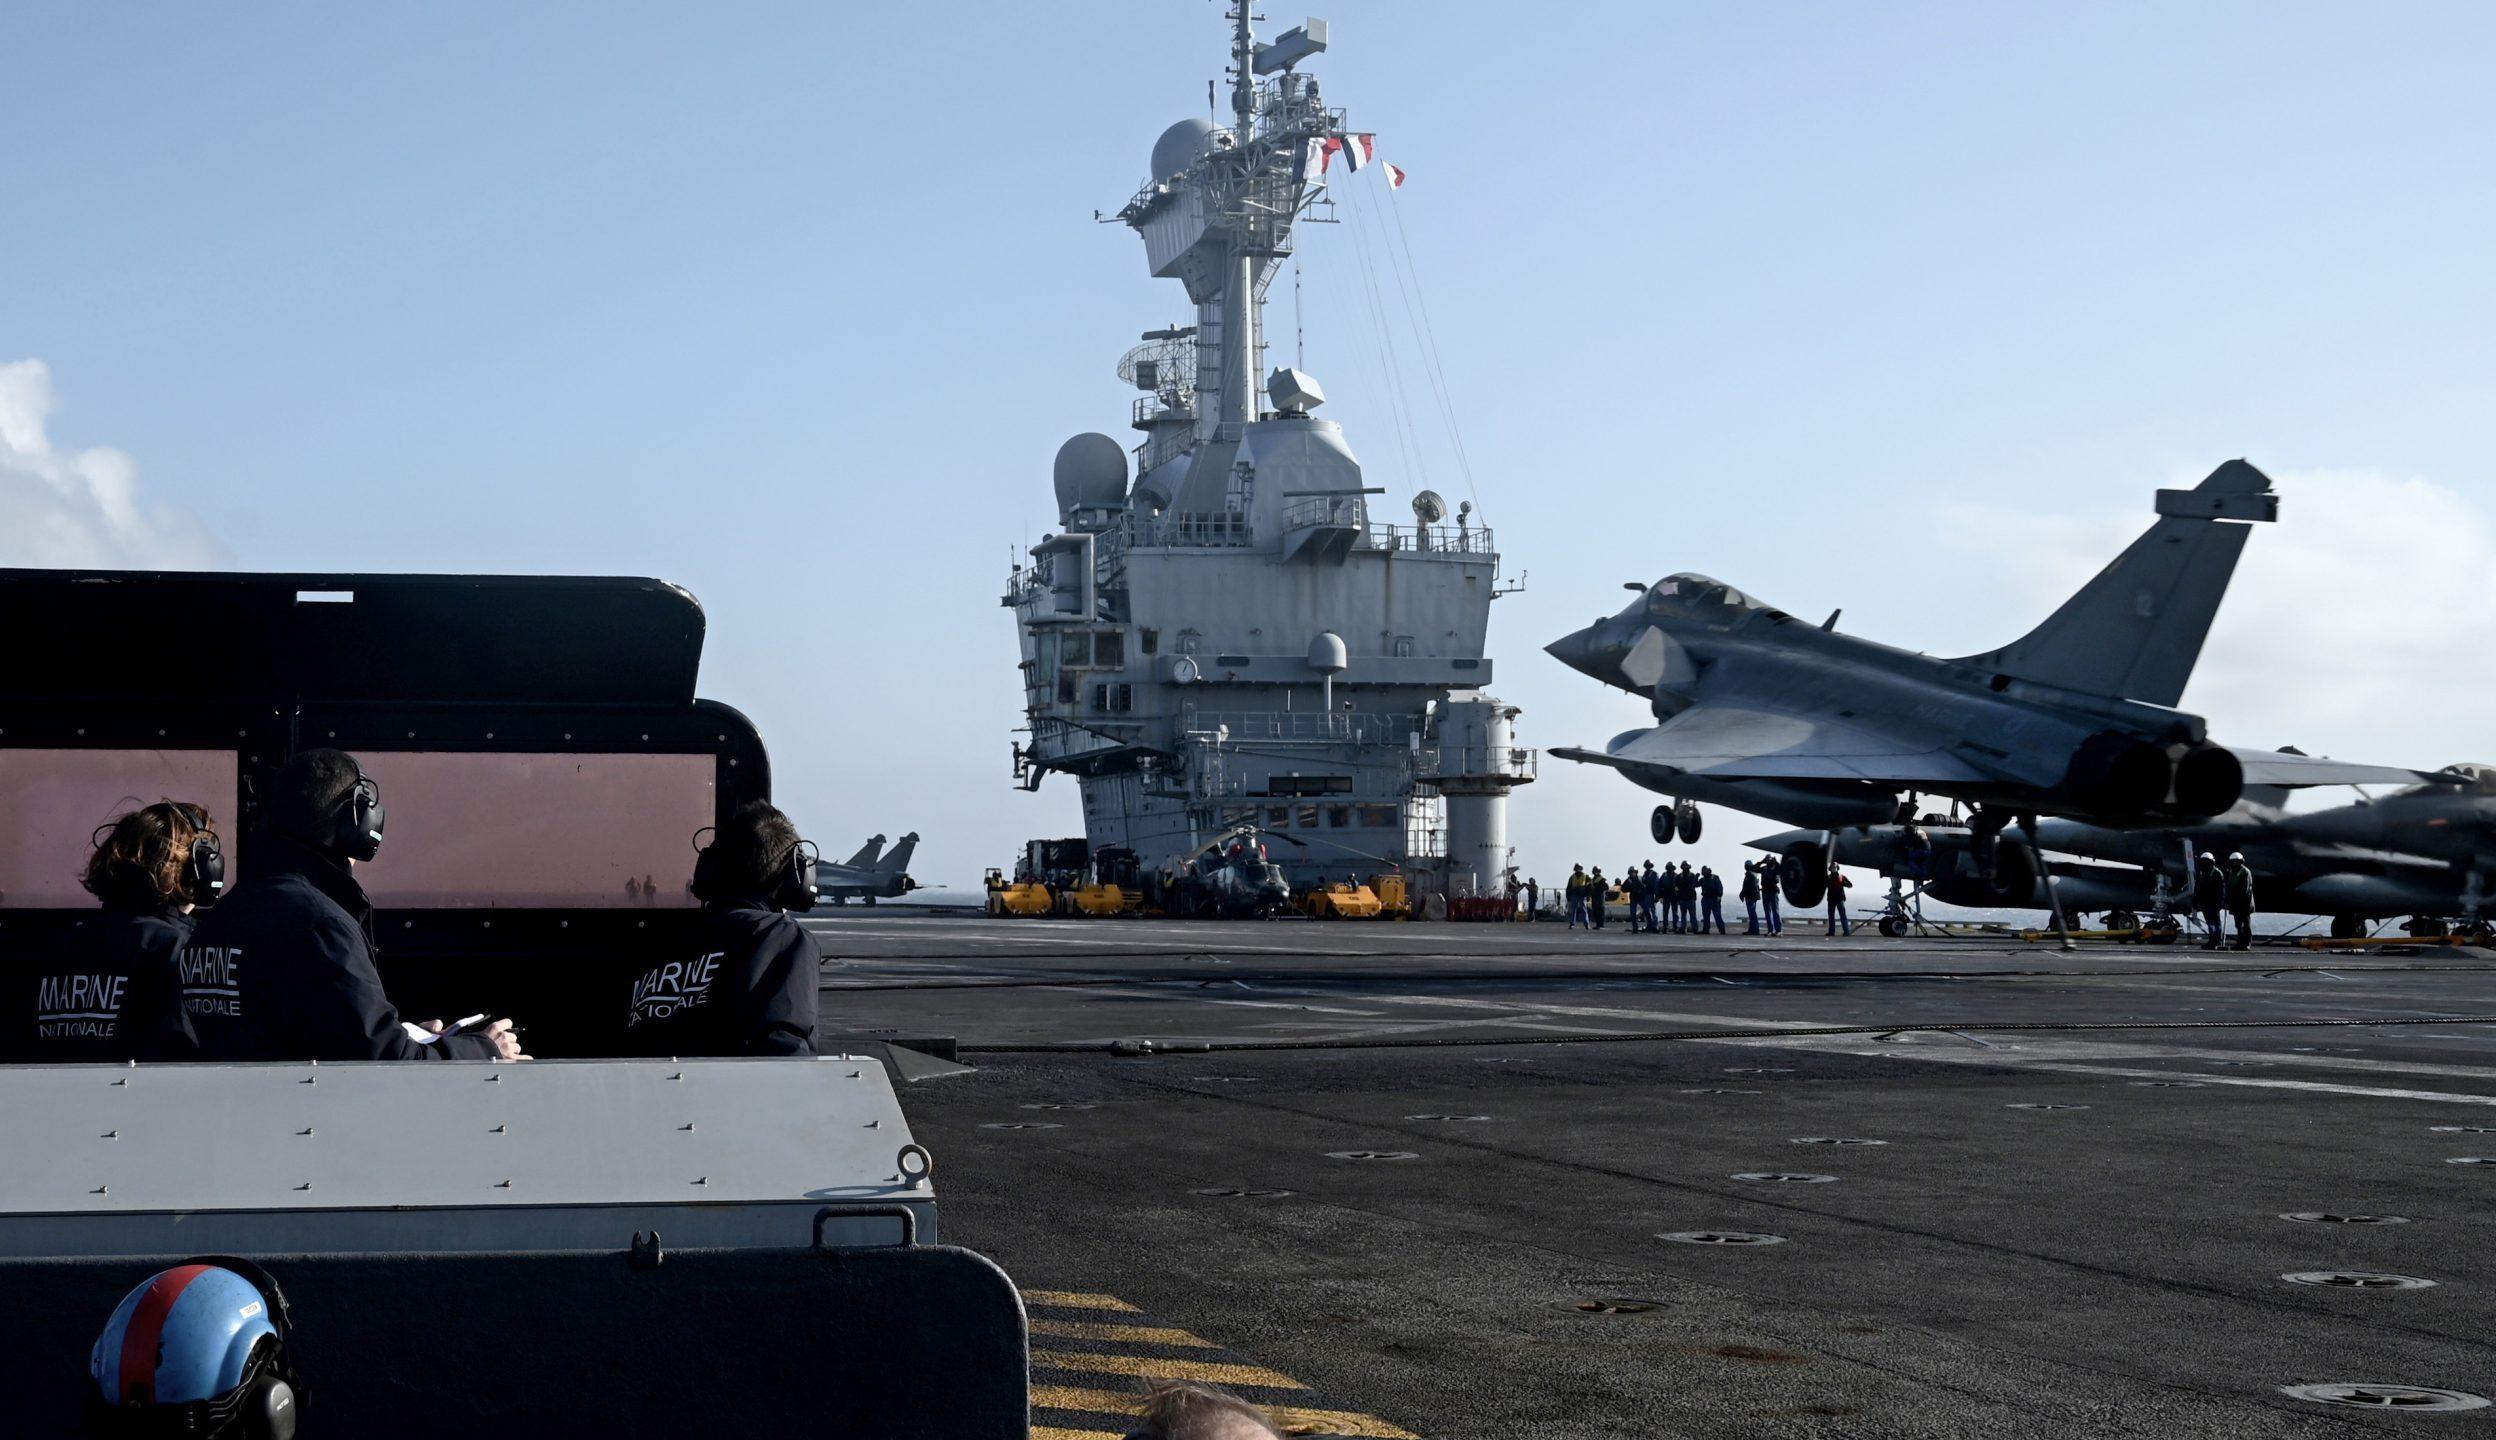 La Francia invia le navi: la Turchia infiamma il Mediterraneo